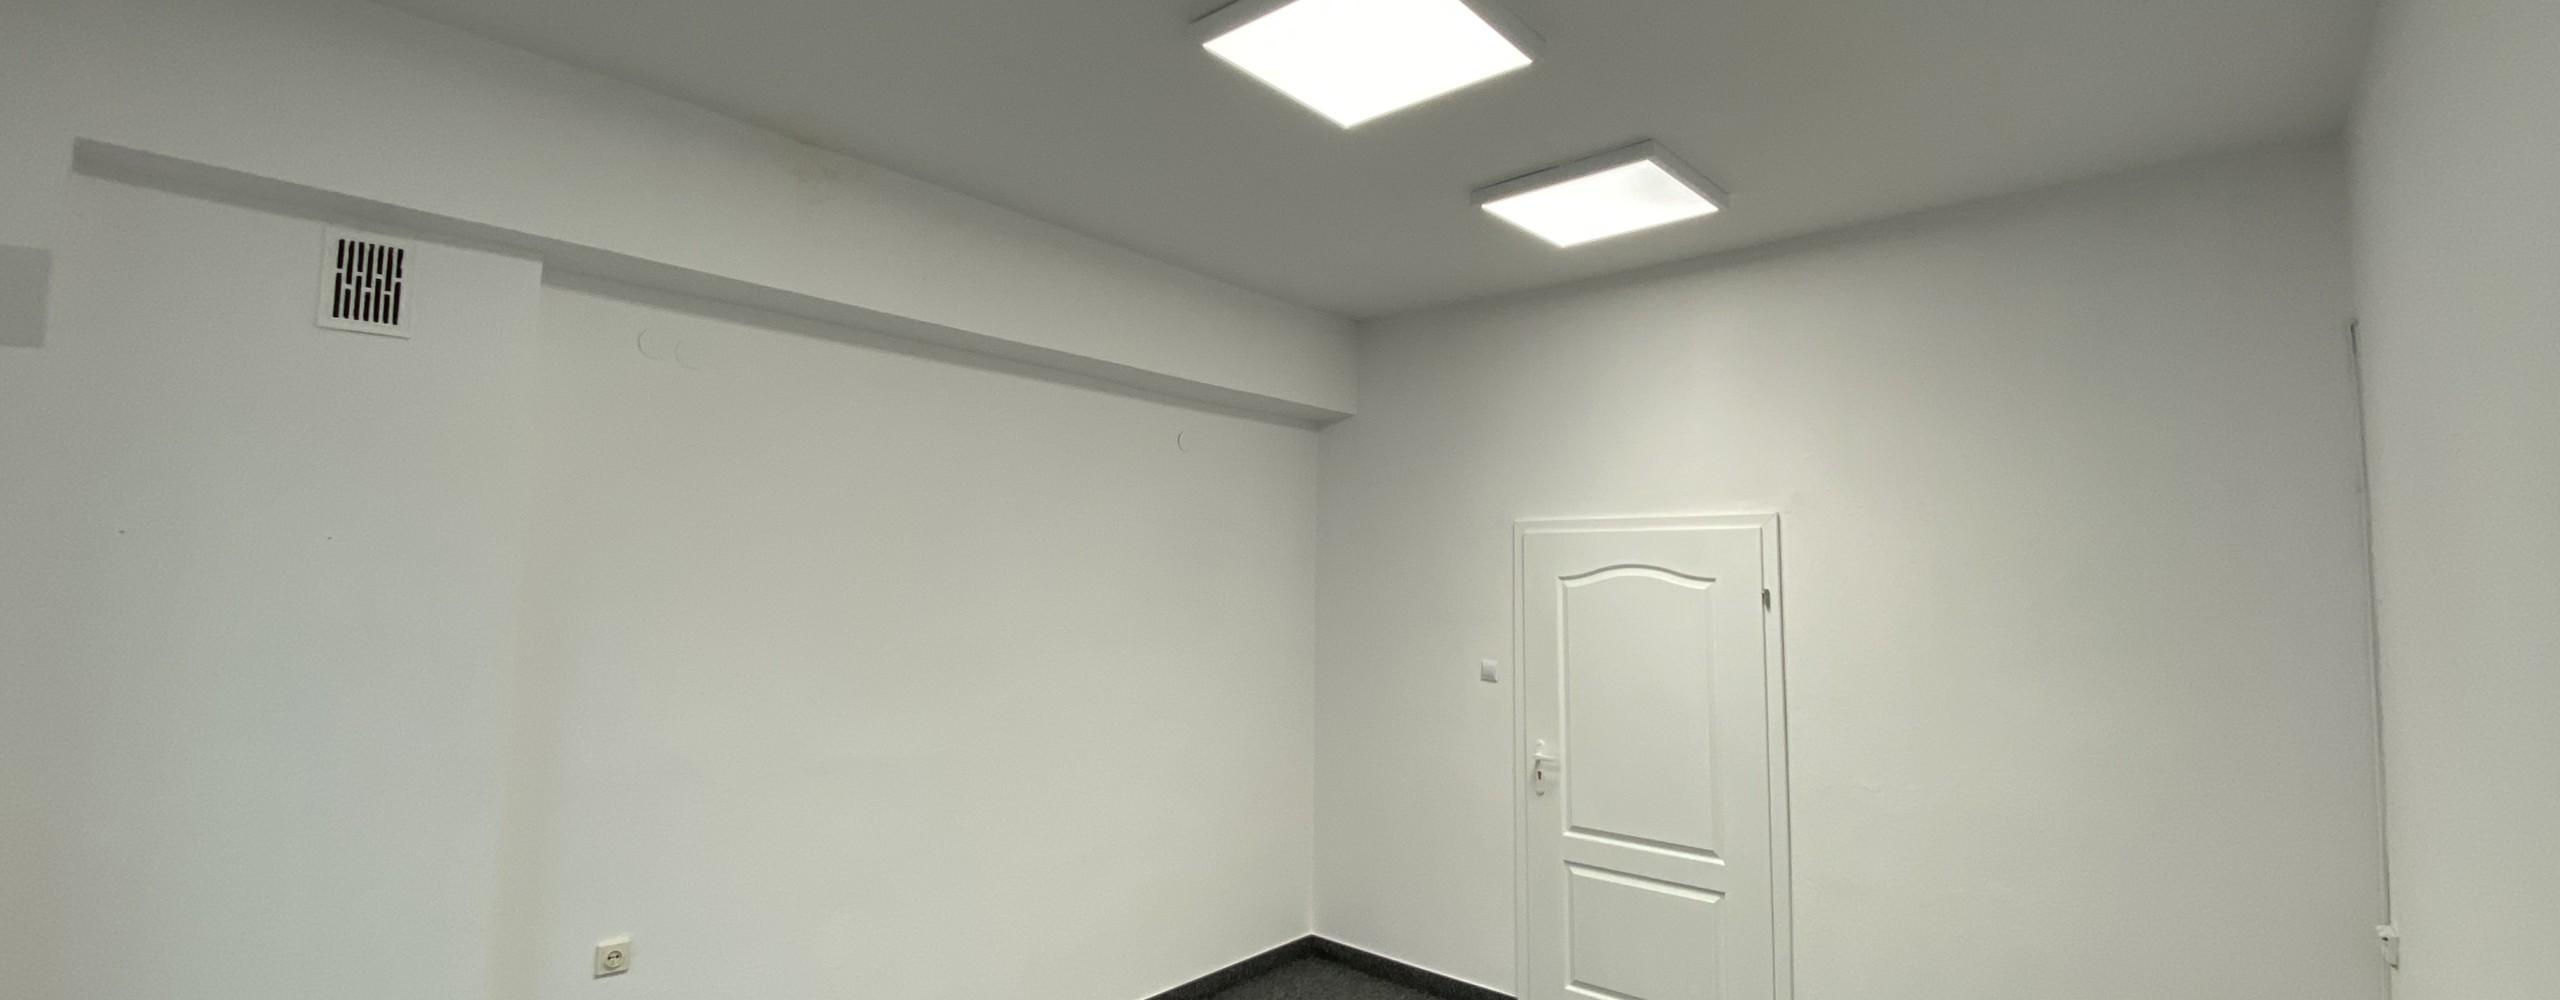 biuro o powierzchni 16,1m<sup>2</sup> - Farbud Nieruchomości - Lublin